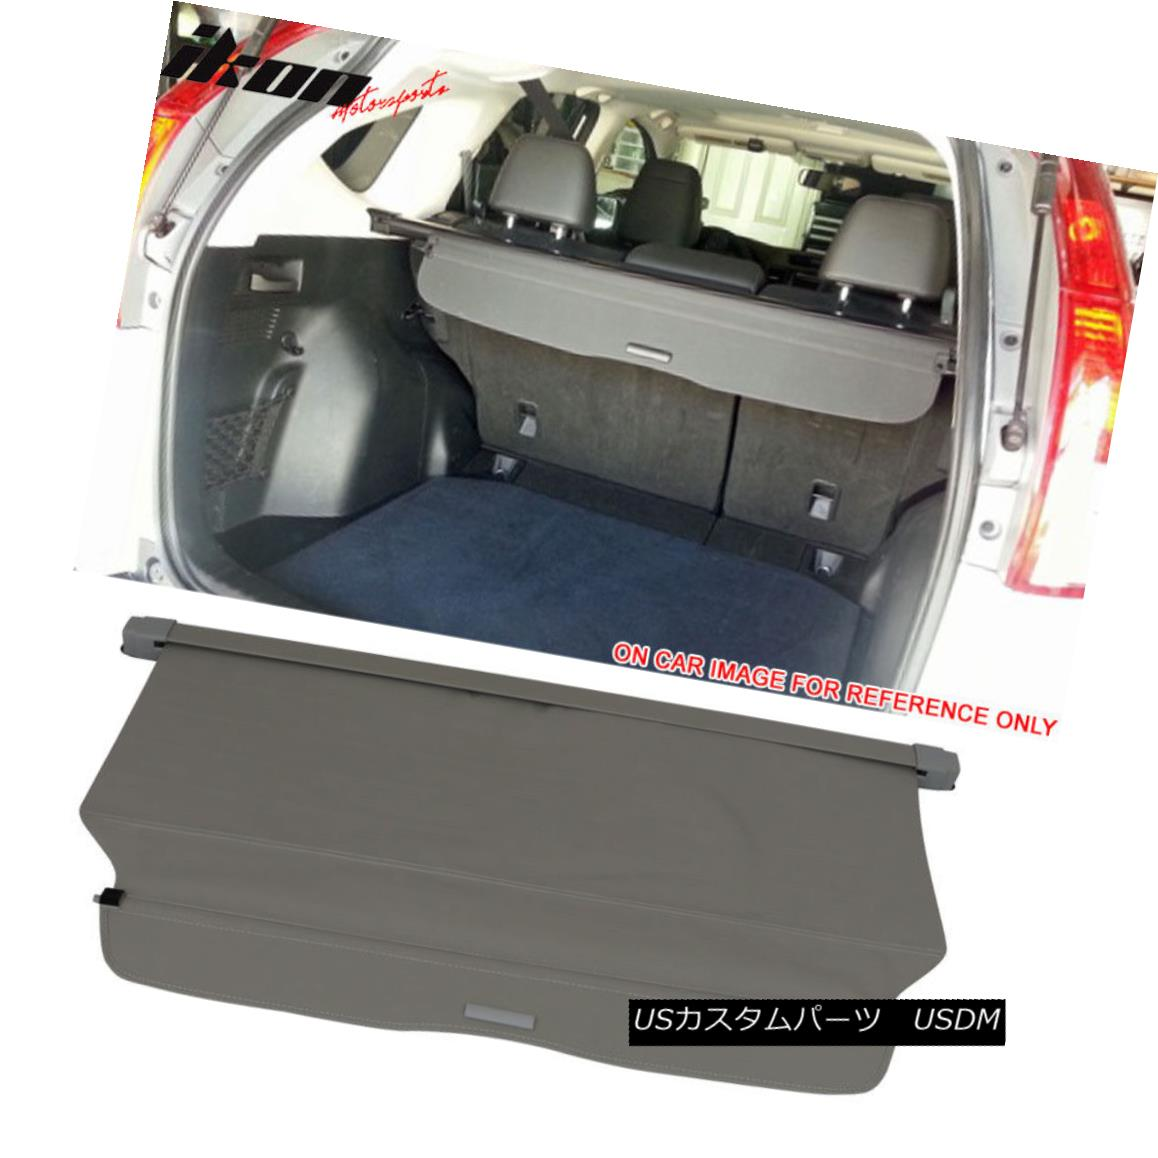 エアロパーツ Fits 12-16 CRV OE FACTORY Retractable Rear Cargo Security Trunk Cover Gray New 12-16 CRV OE FACTORYリトラクタブルリアカーゴセキュリティトランクカバーに適合